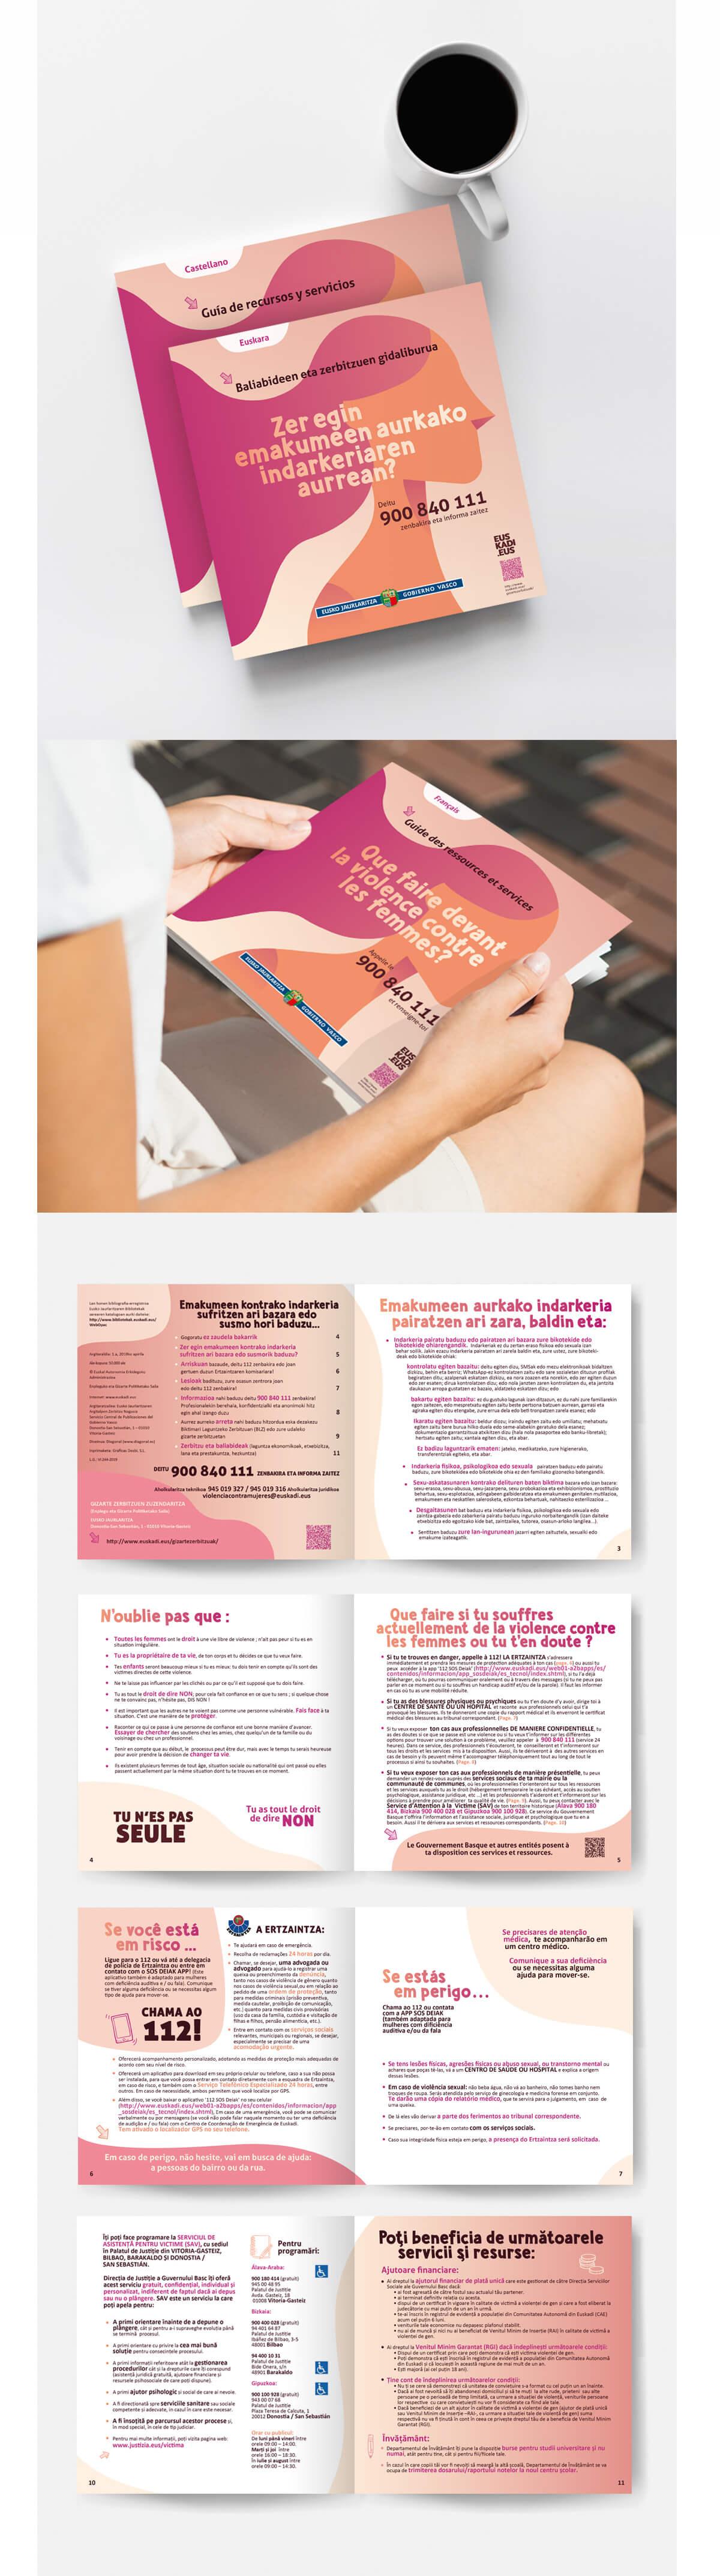 Diseño Editorial y digital. Edición impresa. Edición online.